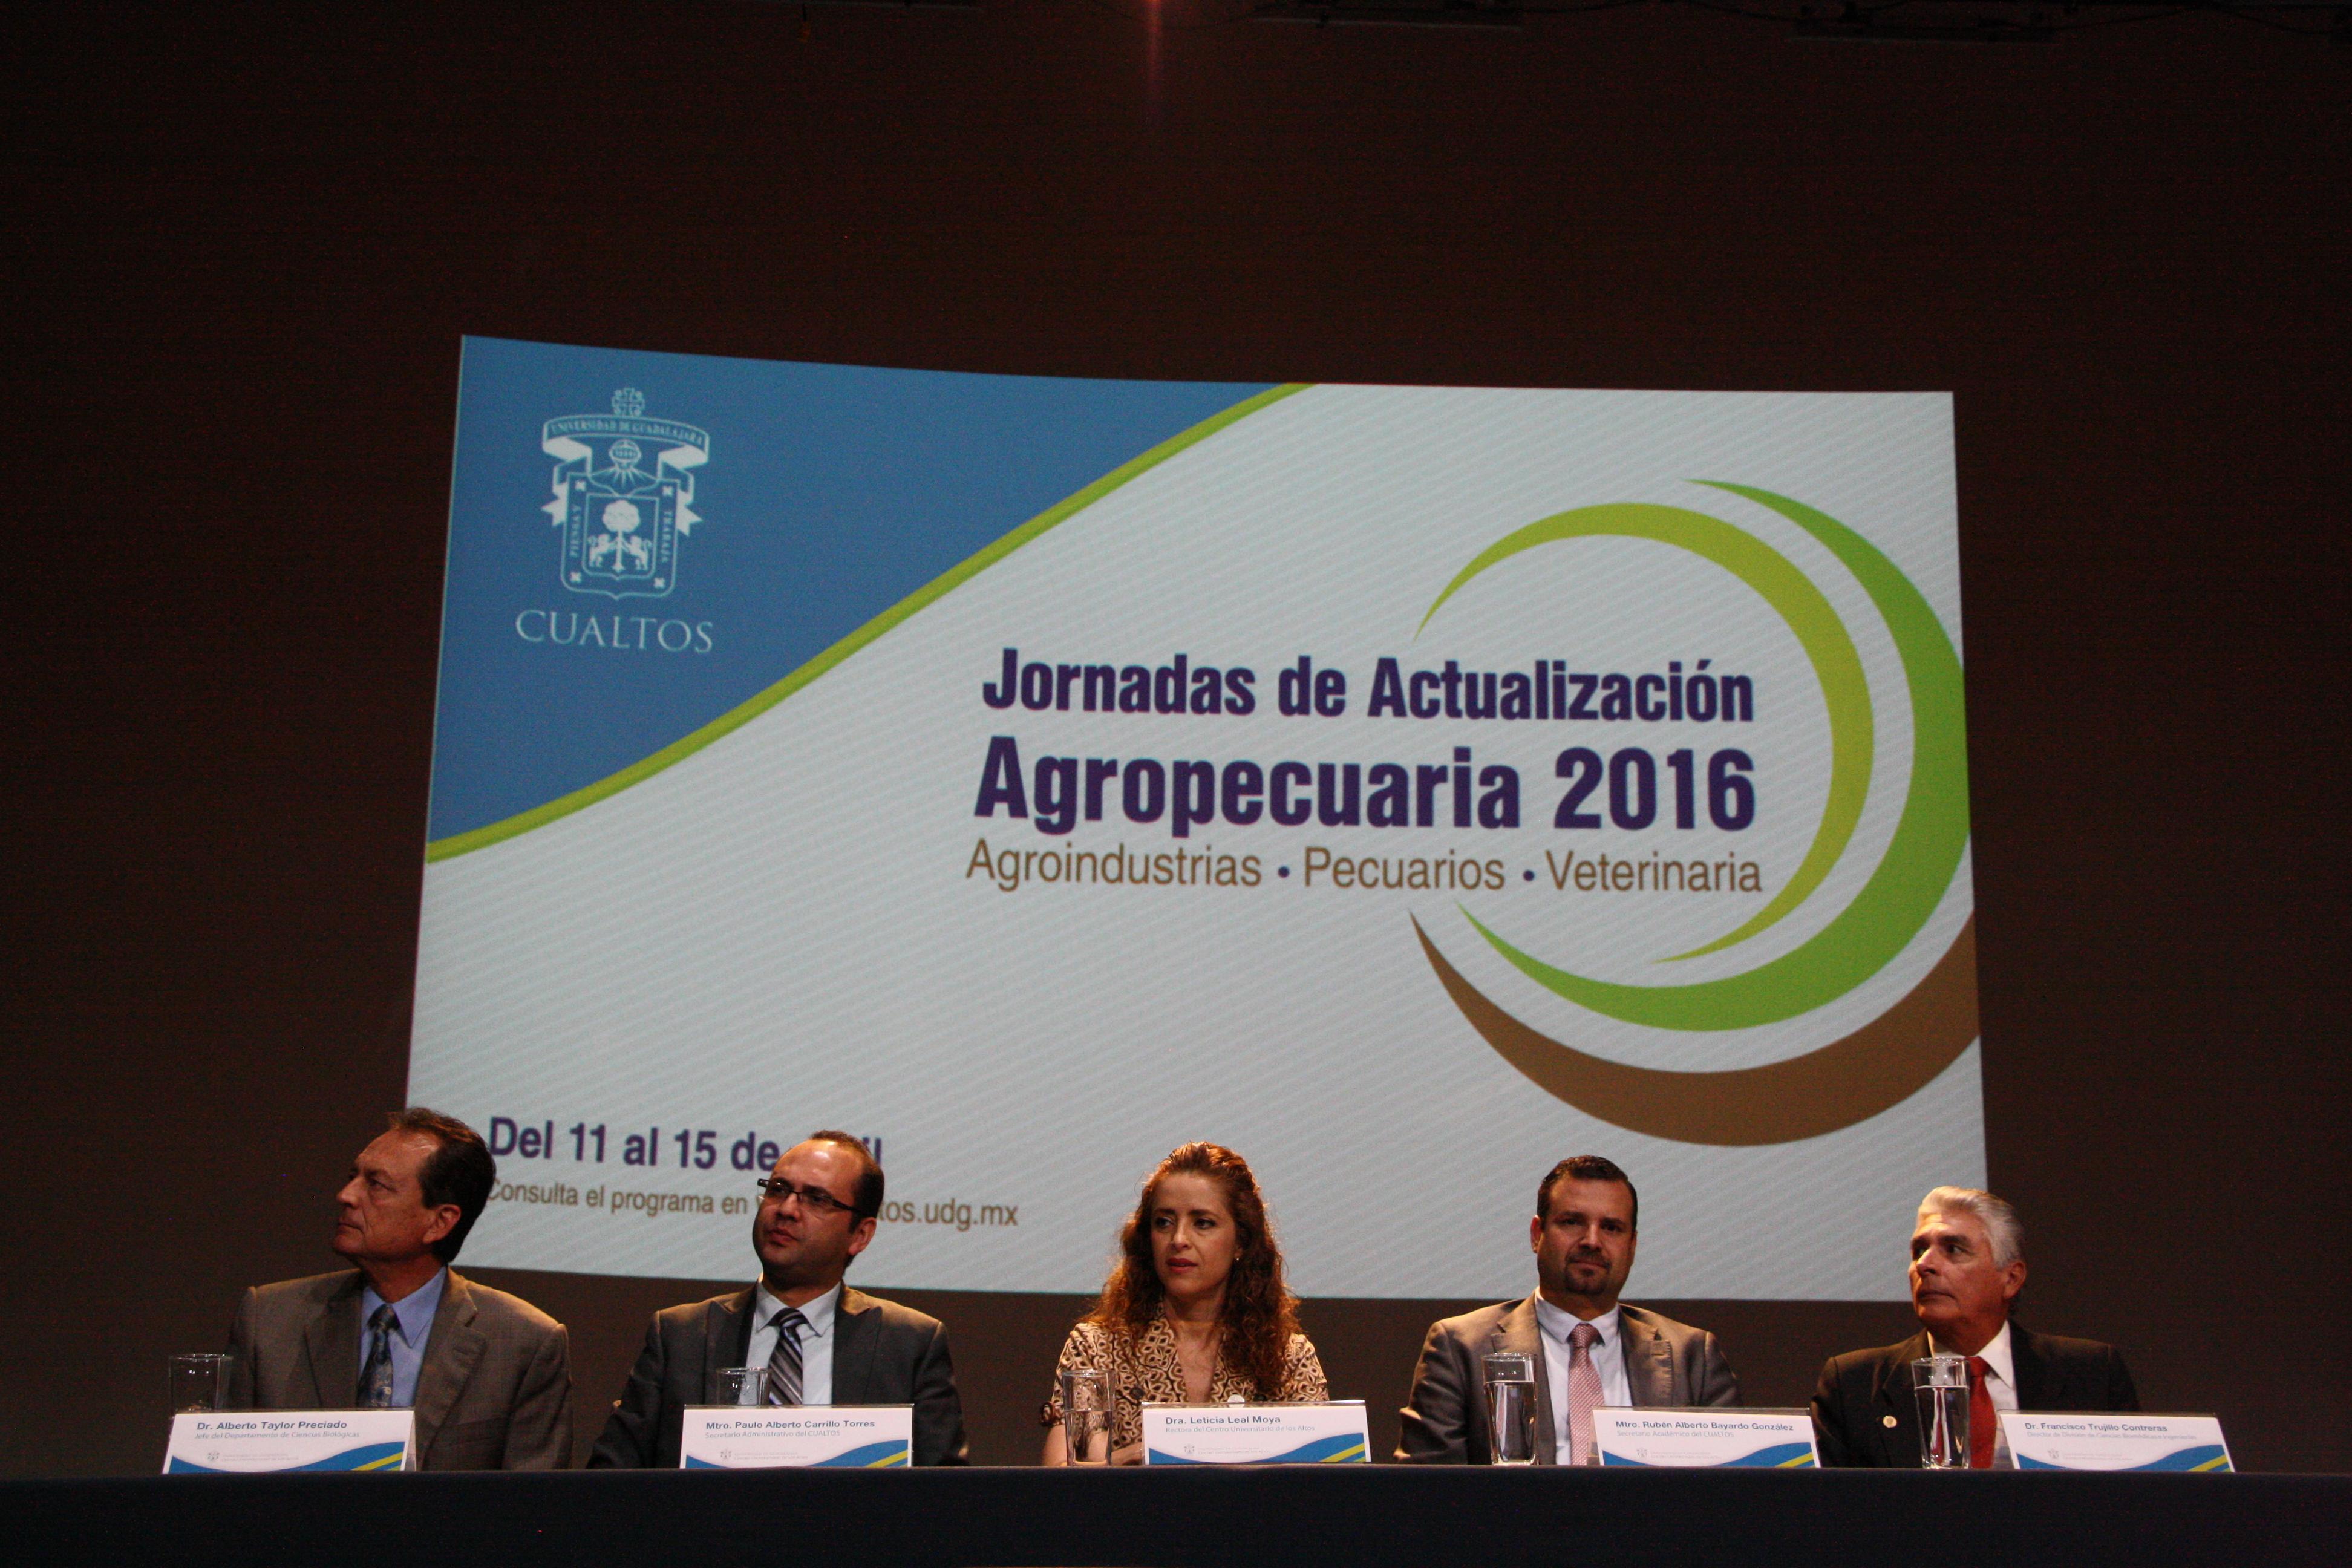 Participantes a la Jornadas de Actualización Agropecuaria en CUAltos.